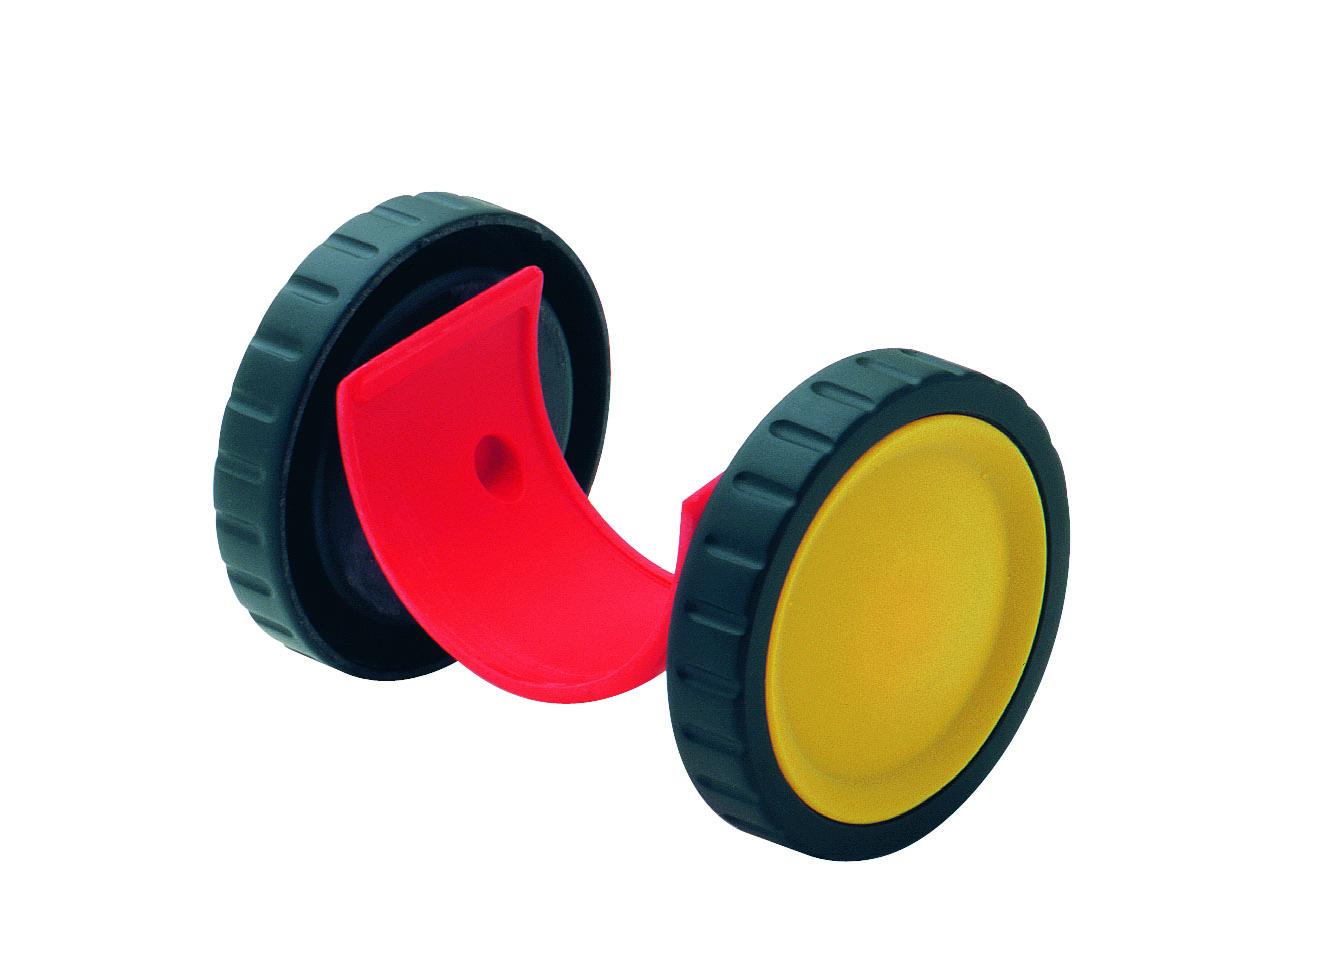 Колеса Wolf-gartenКусторезы и ножницы<br>Тип: колеса,<br>Тип двигателя: без двигателя<br>